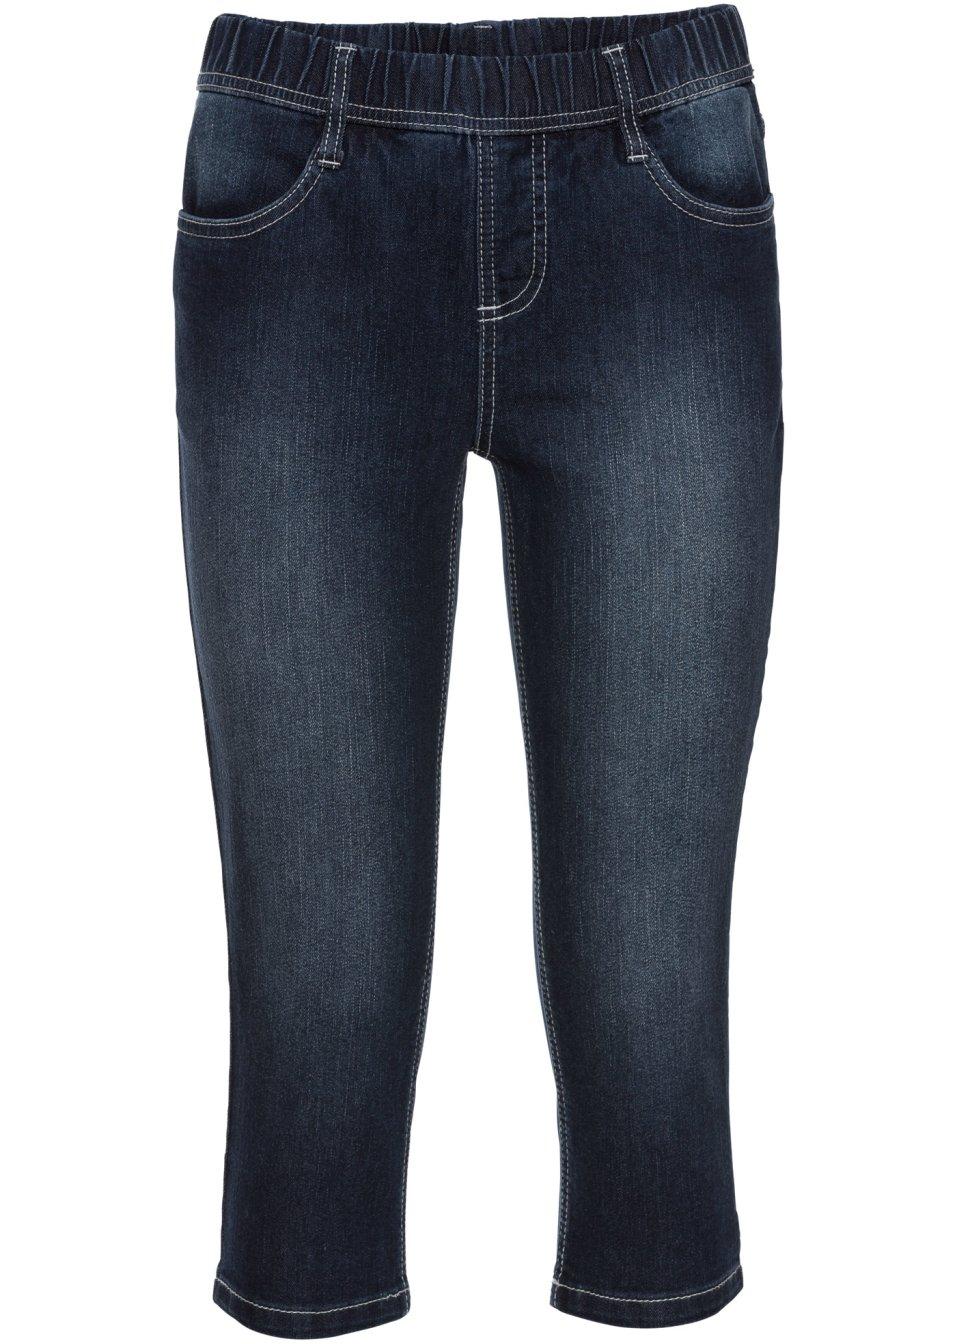 Bequeme Basic-Jeansleggings in attraktiver Capri-Länge - dunkelblau Normal p3HAI KBev7